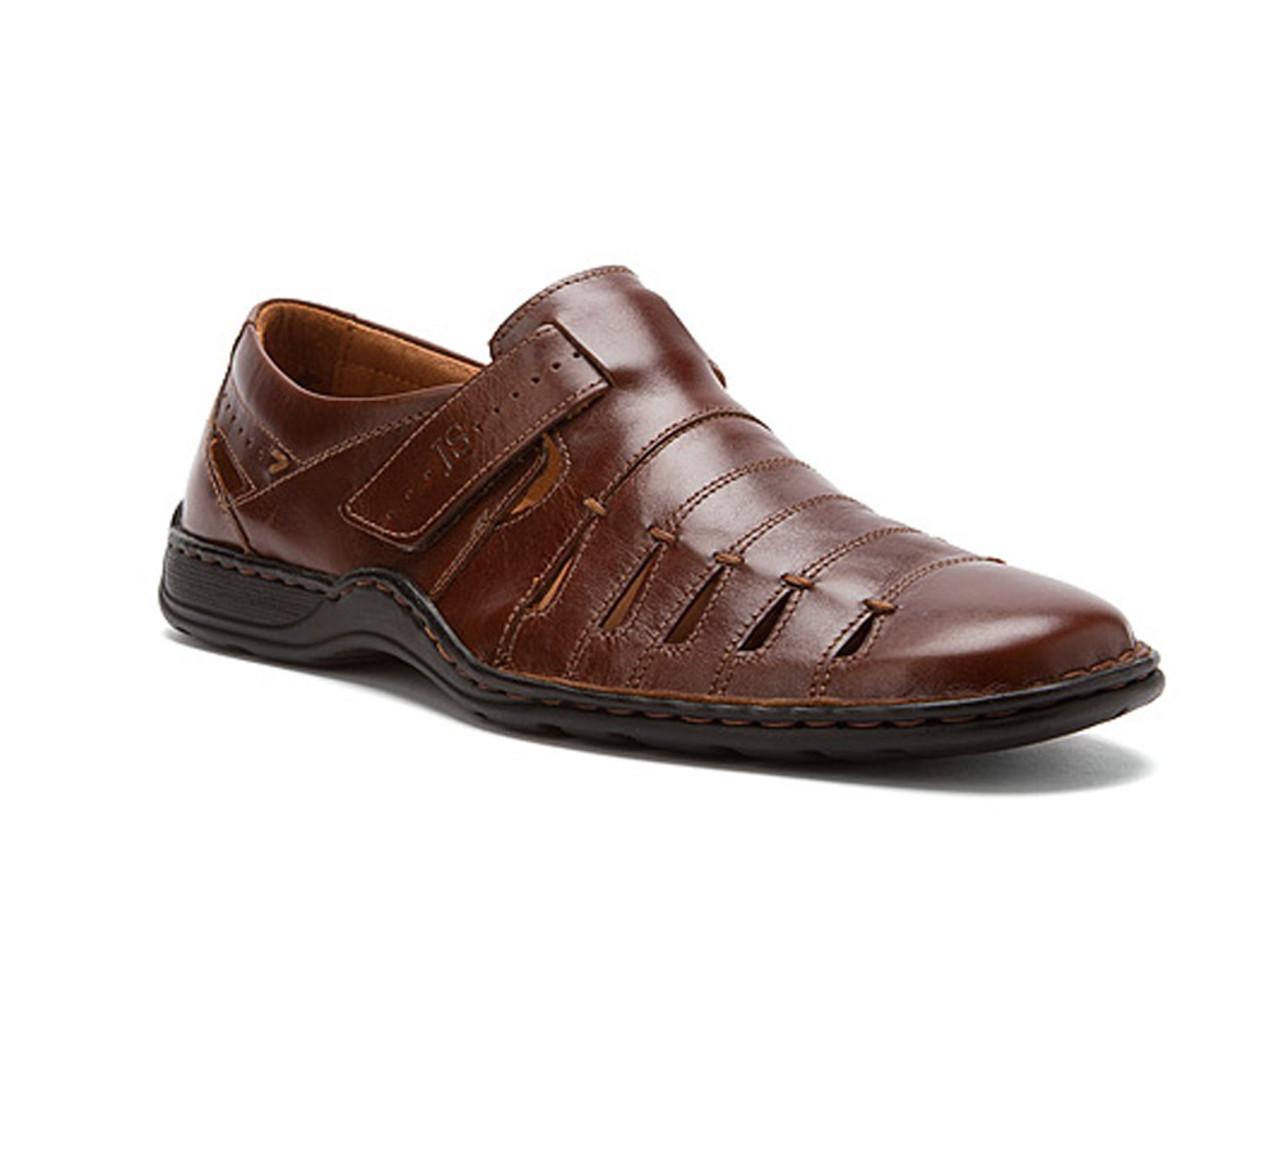 36d4a37279a0 Josef Seibel Men s Lionel 06 Dress Sandal Marone - Shop now   Shoolu.com